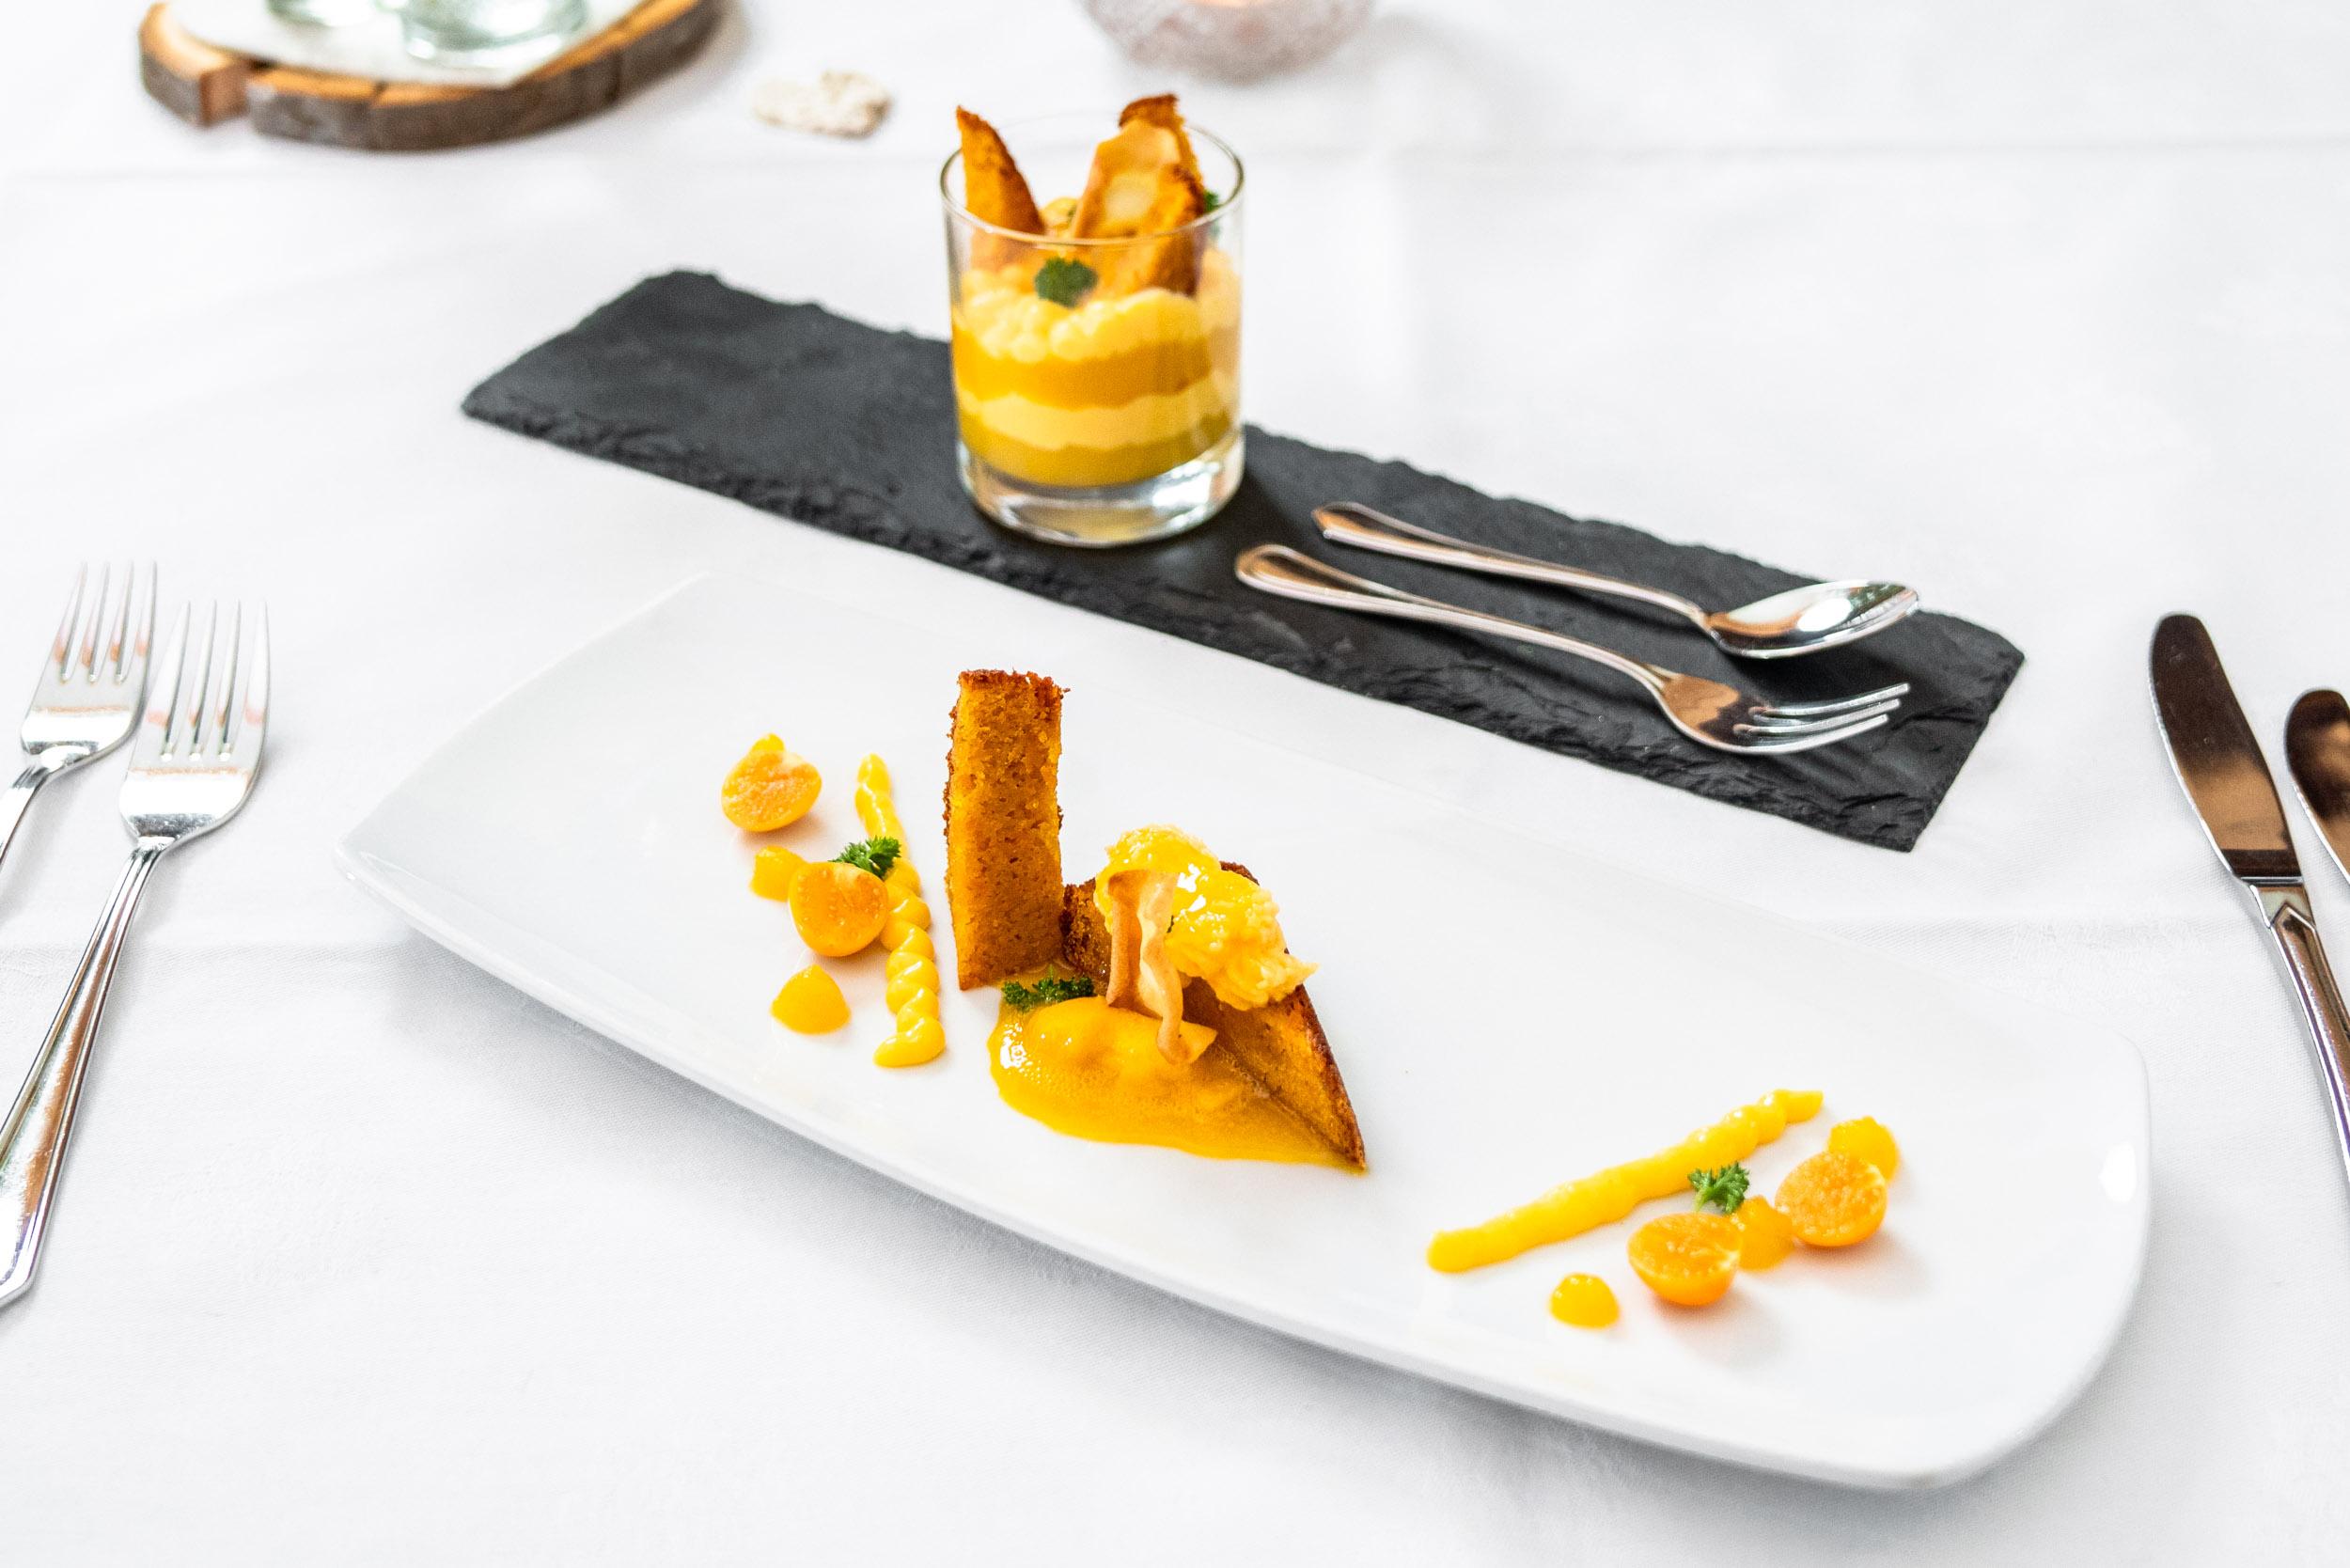 Auch bei Süßspeisen, wie den leckeren Desserts vom Restaurant Kugler Alm in Ebersberg, wird manchmal legiert